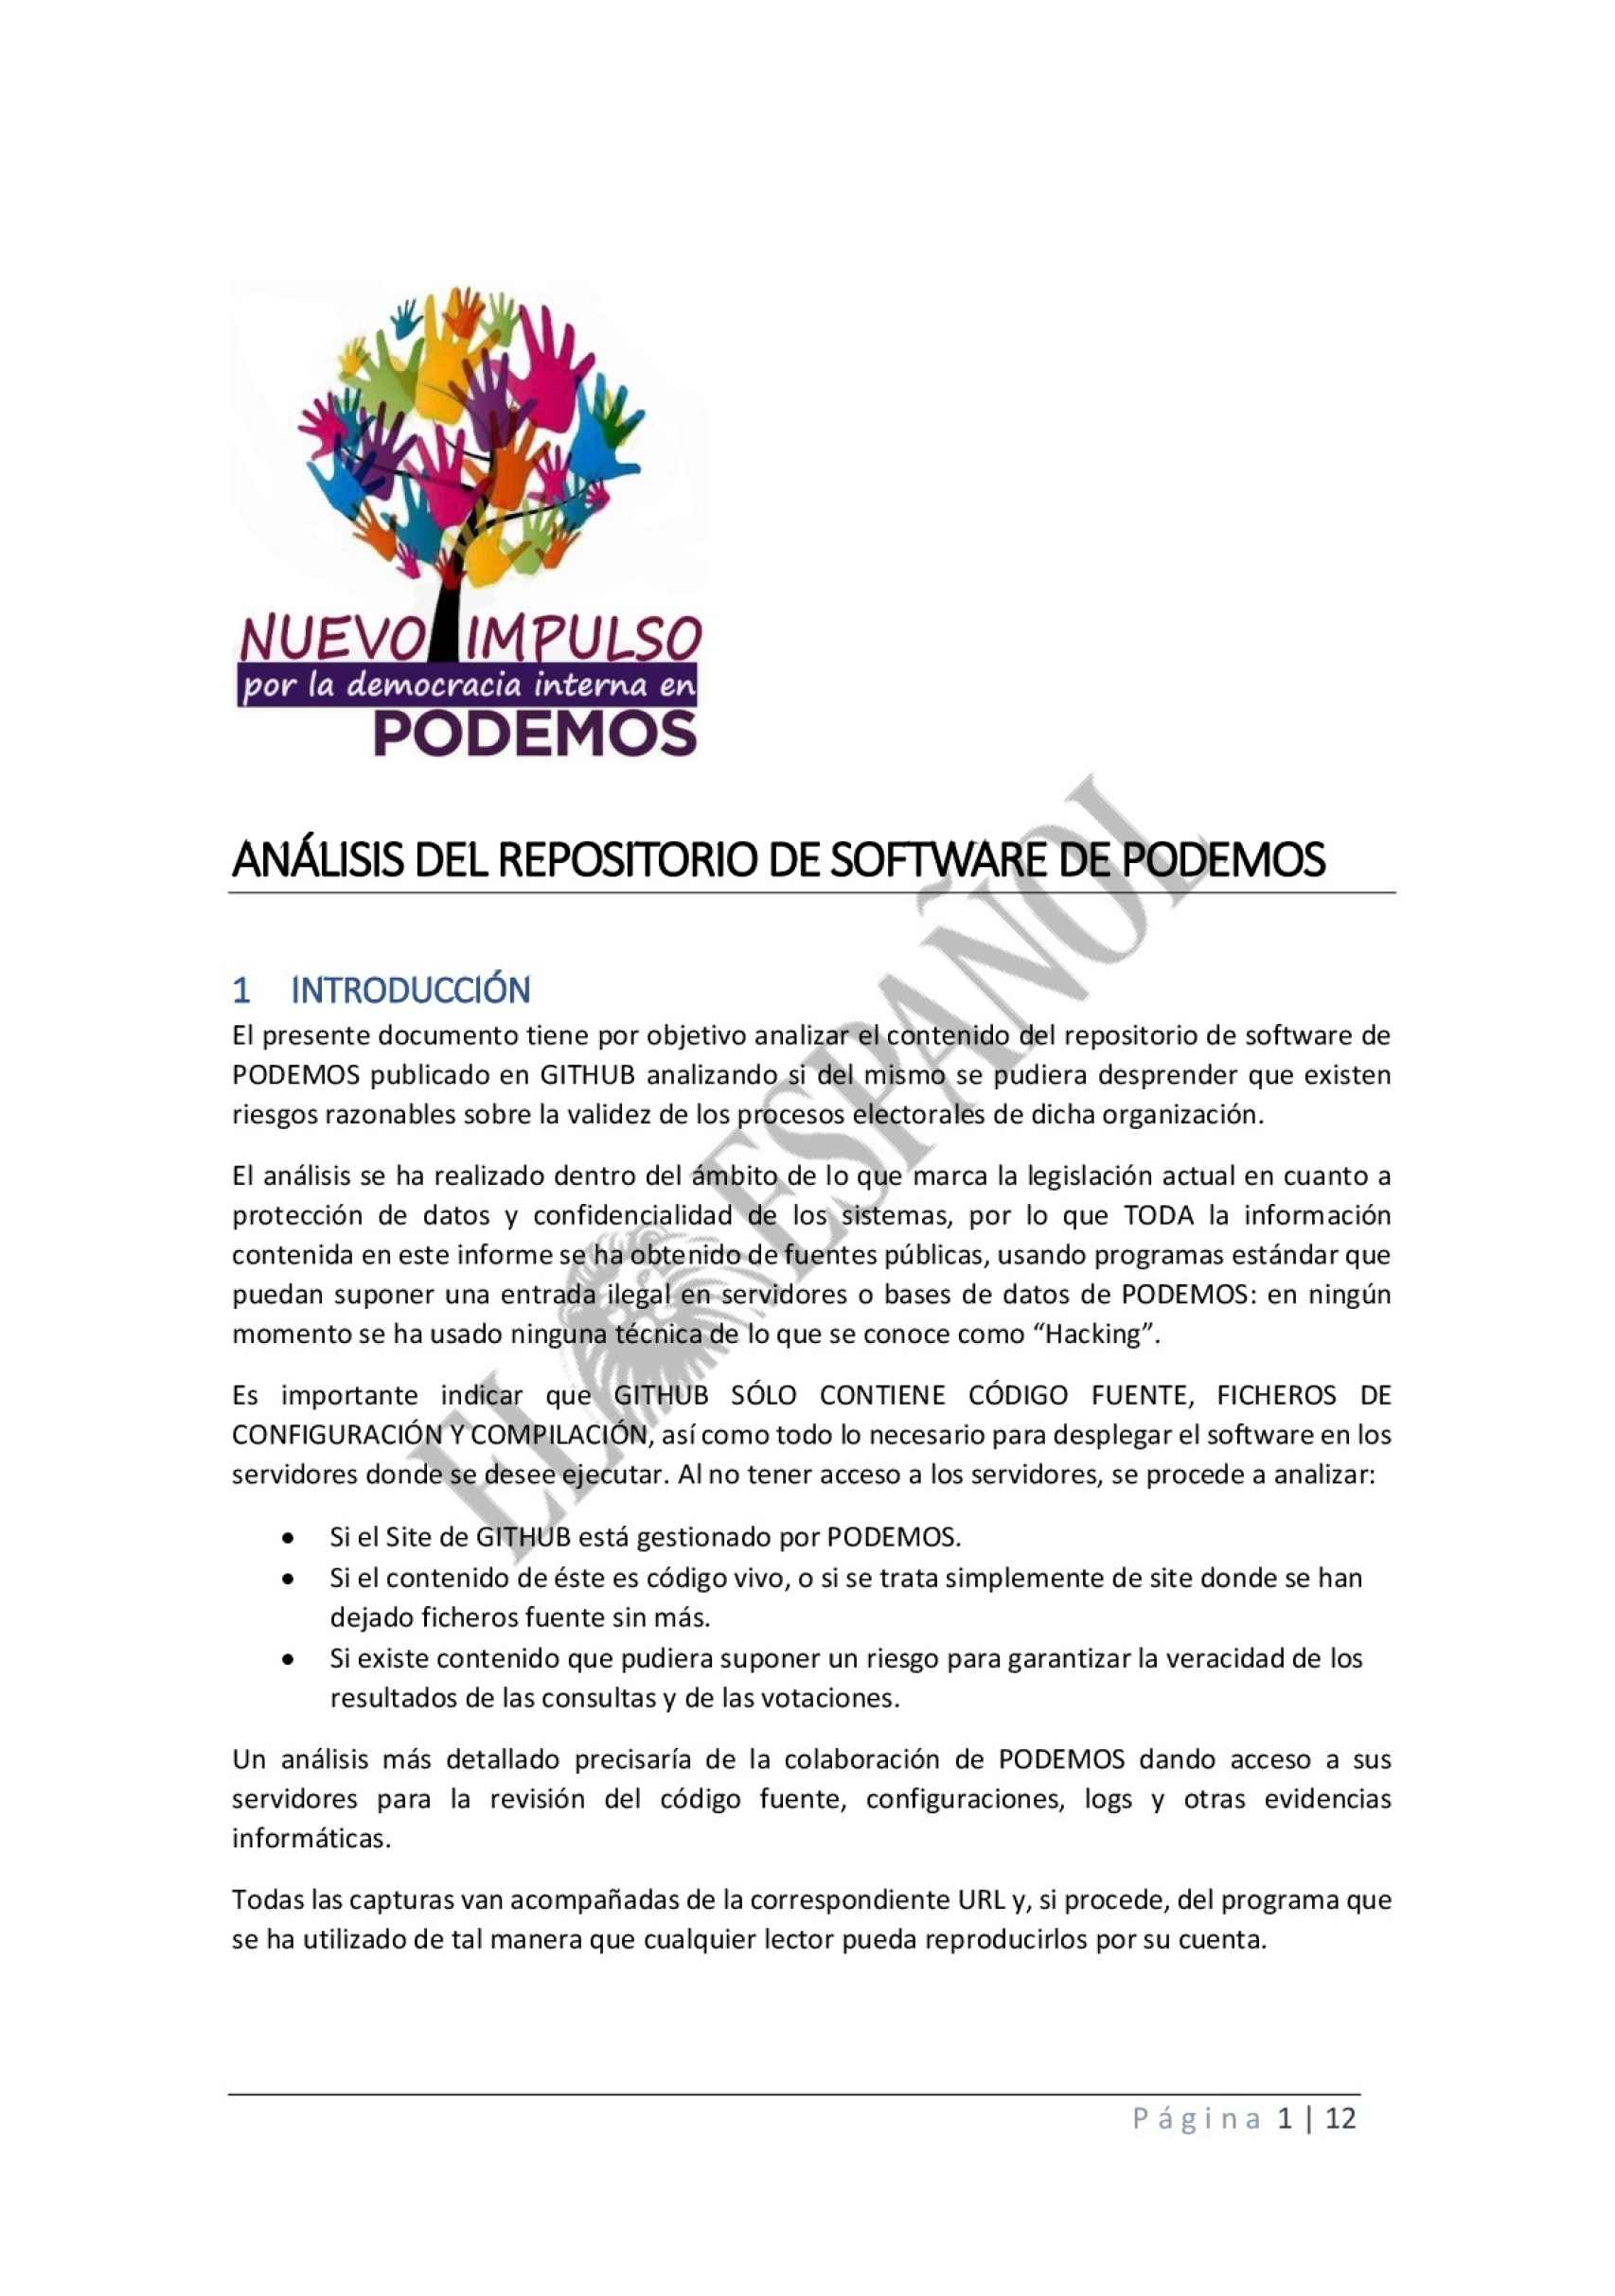 Documento  del colectivo crítico de Podemos.